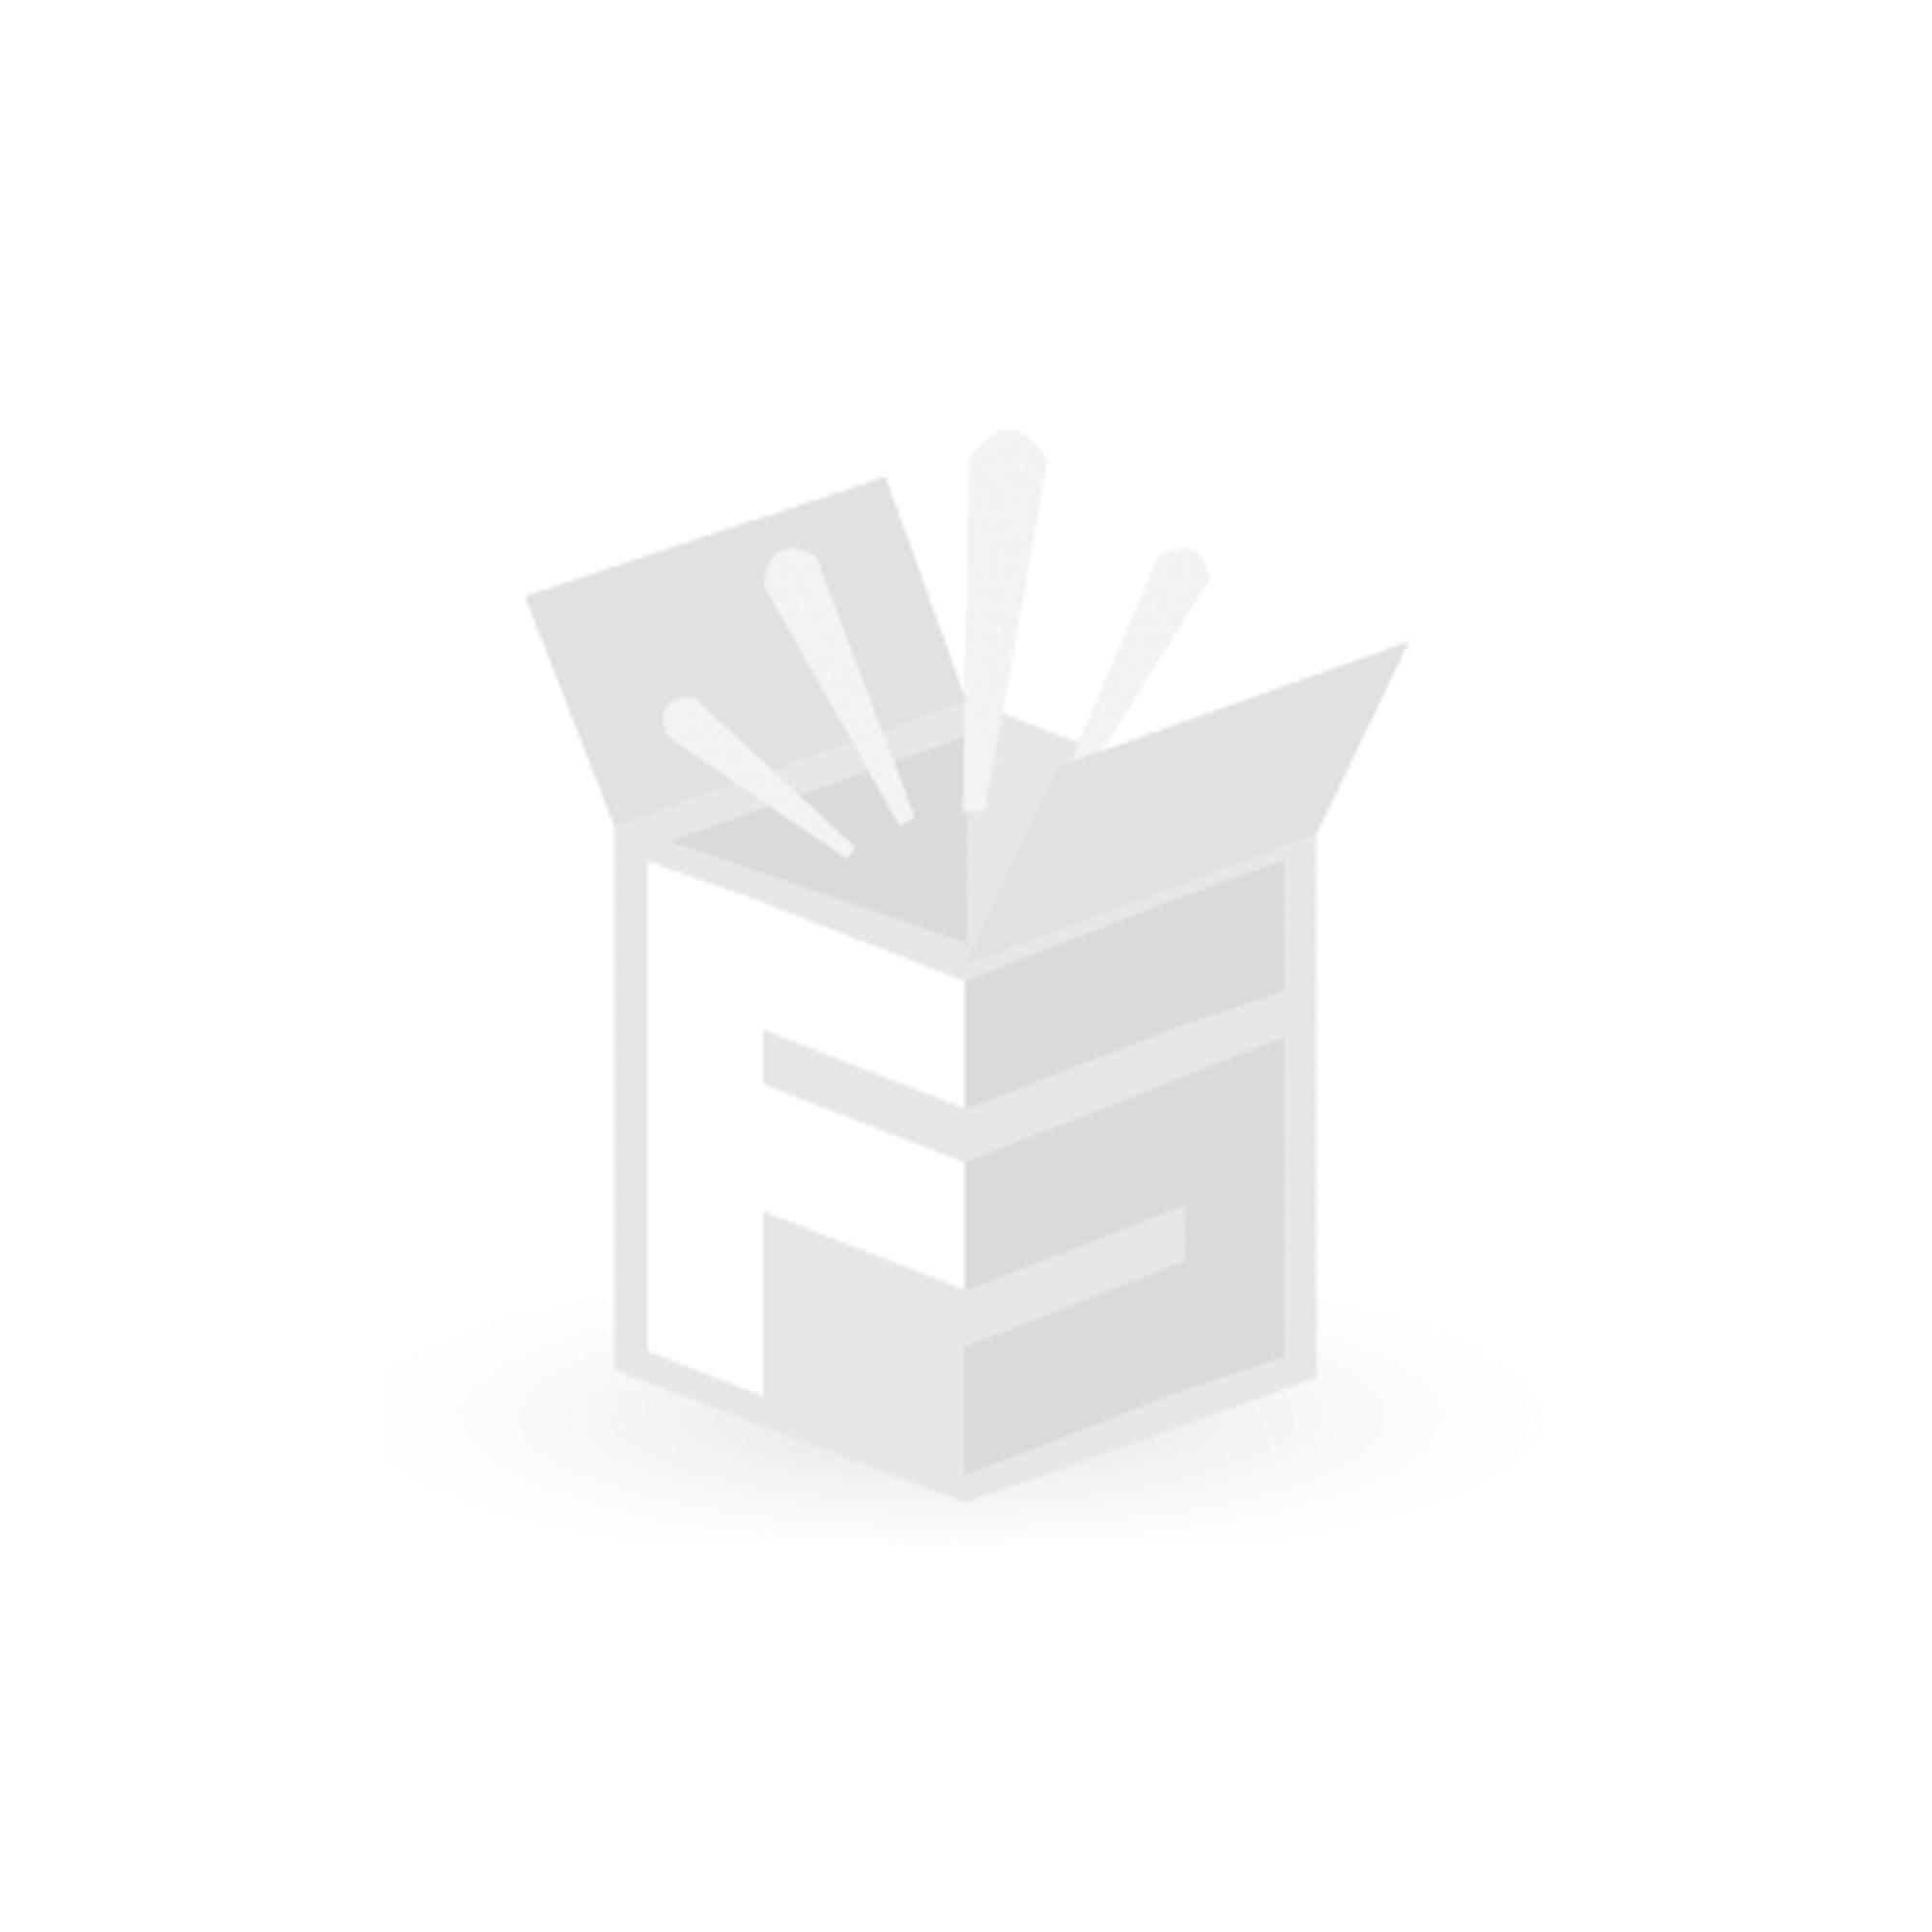 dameco Sitzkissen 2 Stück für Festbankgarnitur 53 x 25 x 3 cm